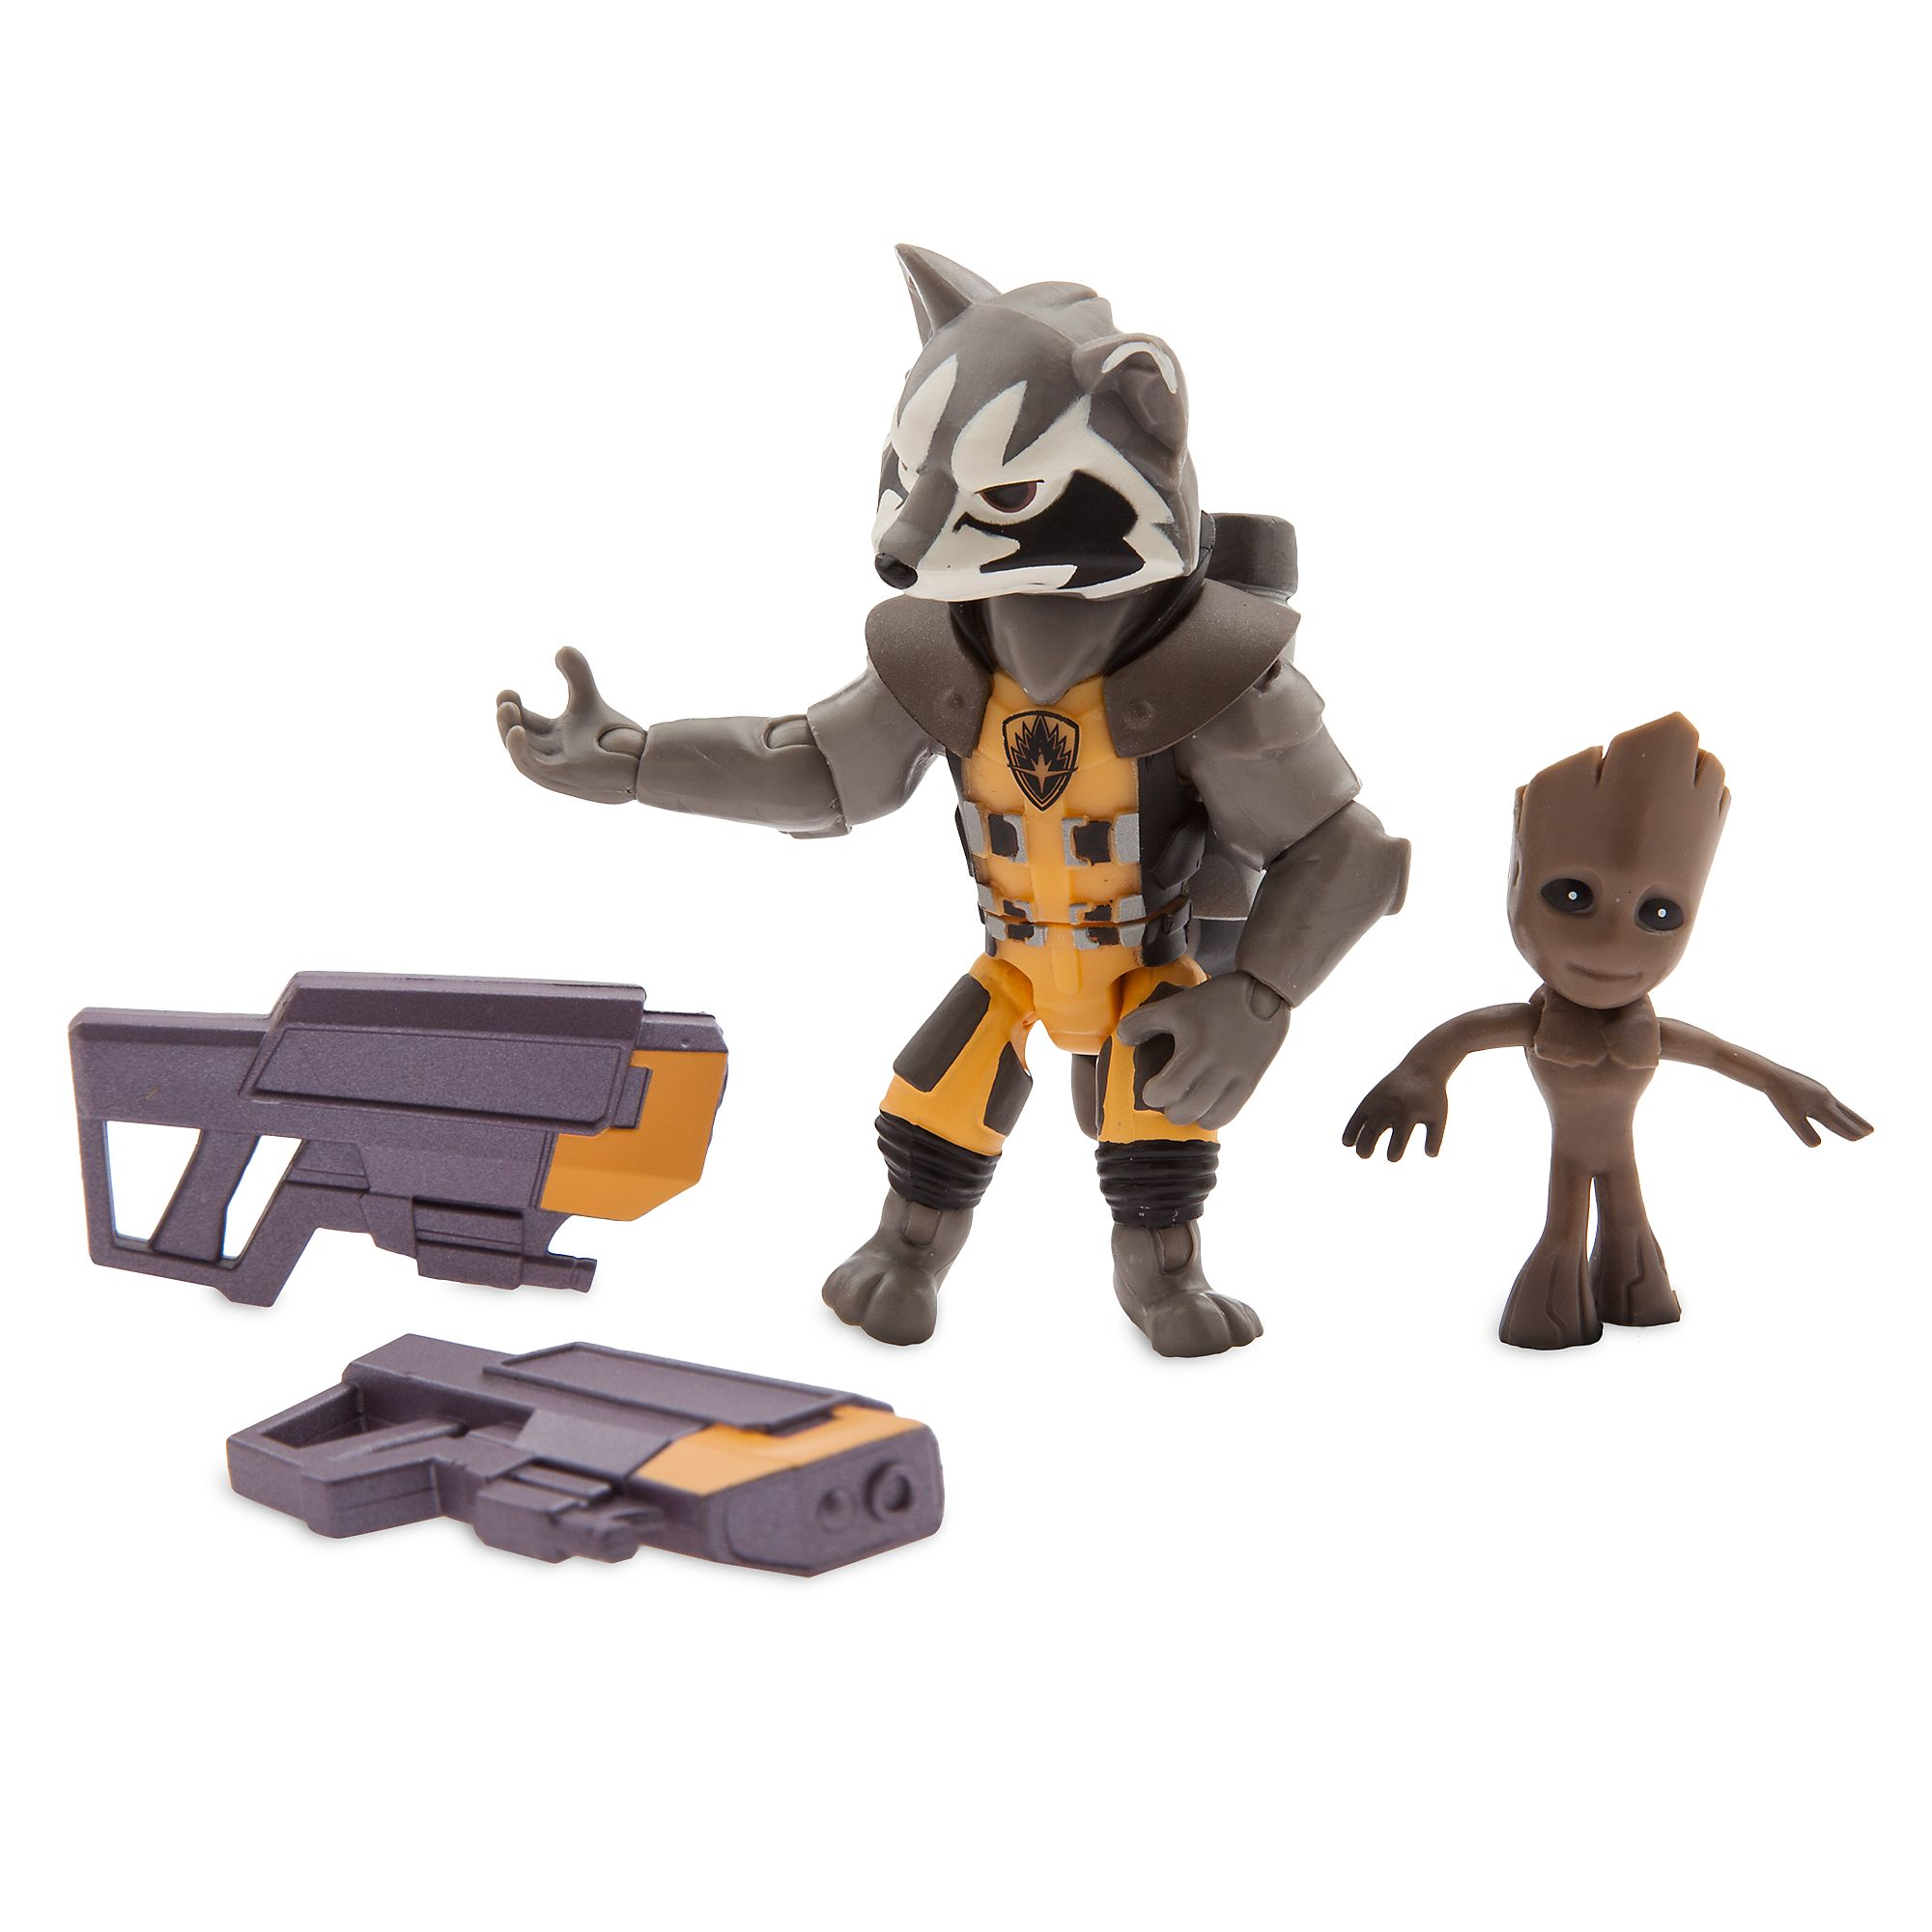 Disney Toybox Marvel Rocket Raccoon /& Groot Exclusive Action Figure